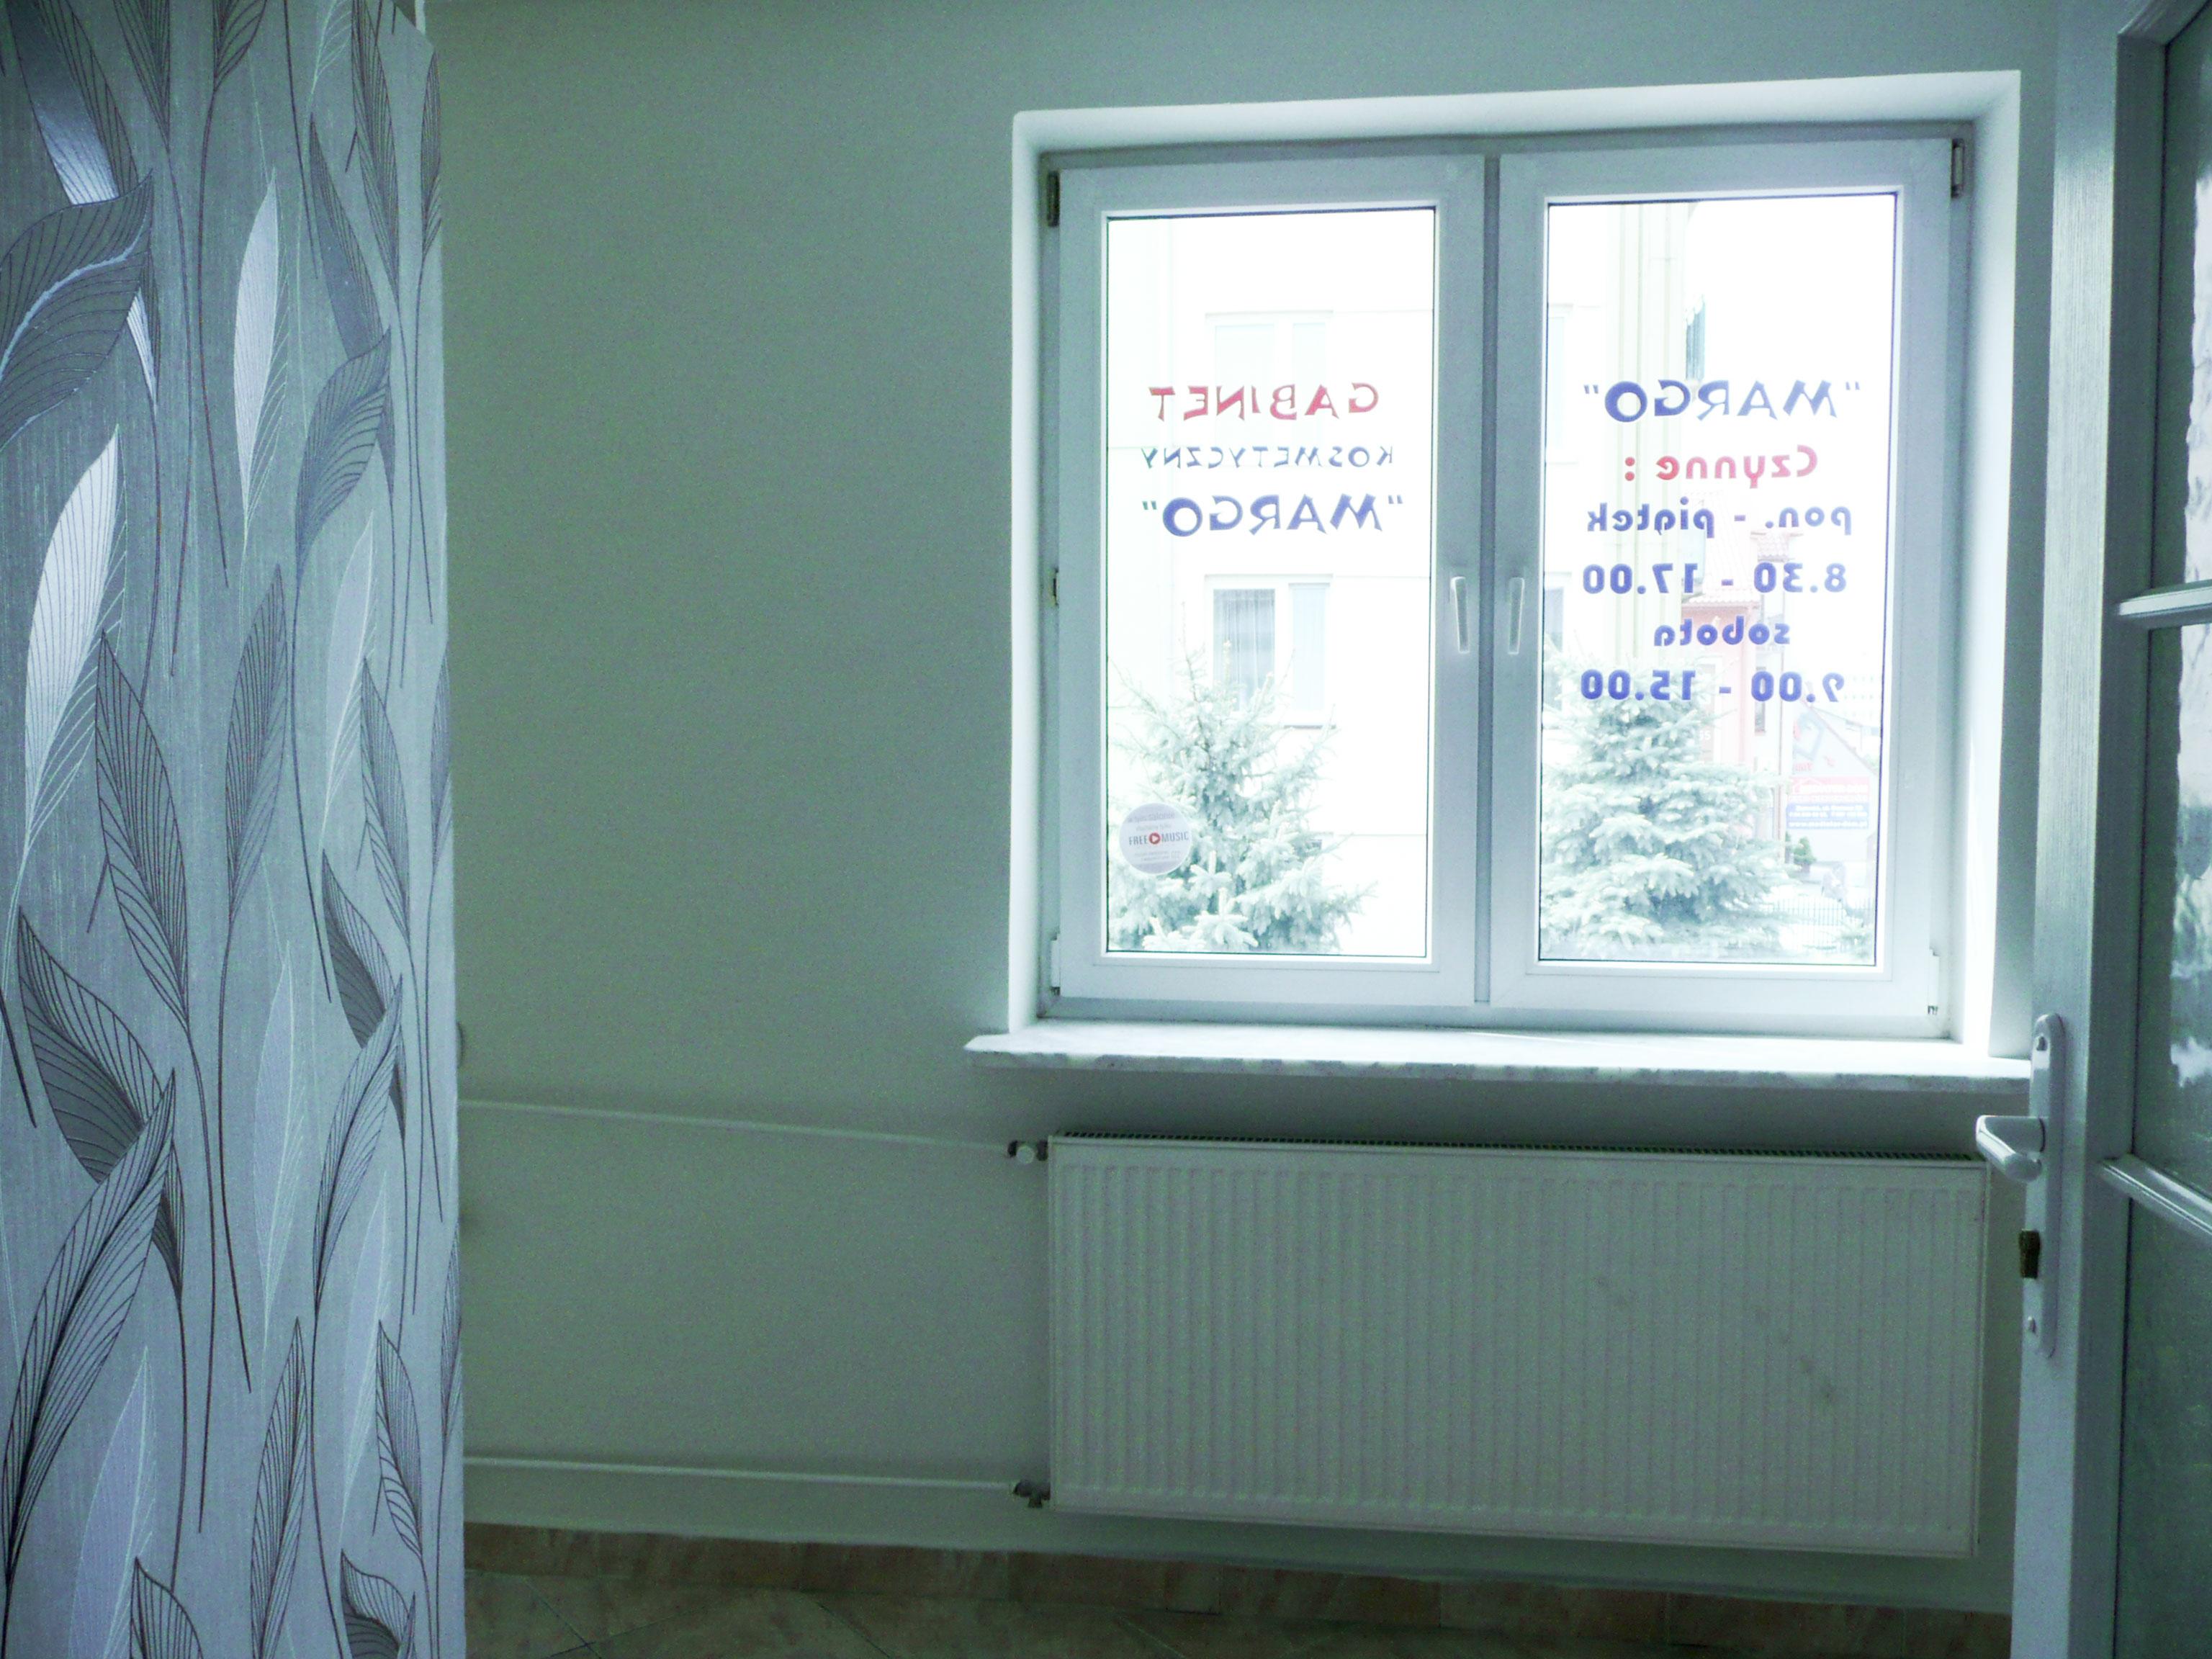 lokal użytkowy Zamość Hrubieszowska - lokal do wynajęcia - Krzysztof Górski Nieruchomości Zamość